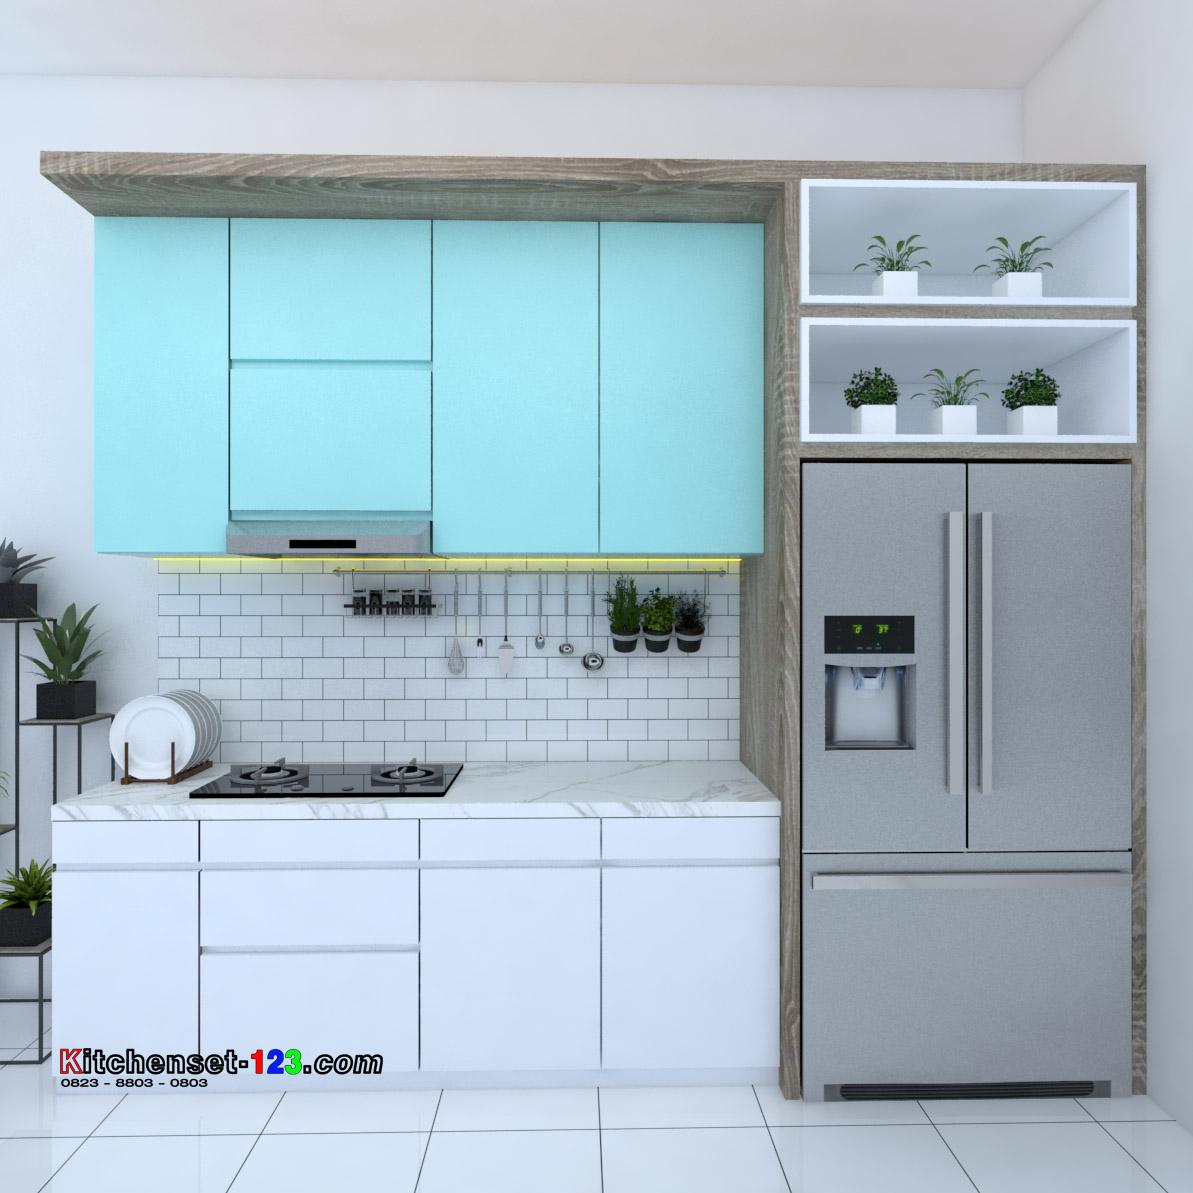 Kitchen set Bekasi Barat